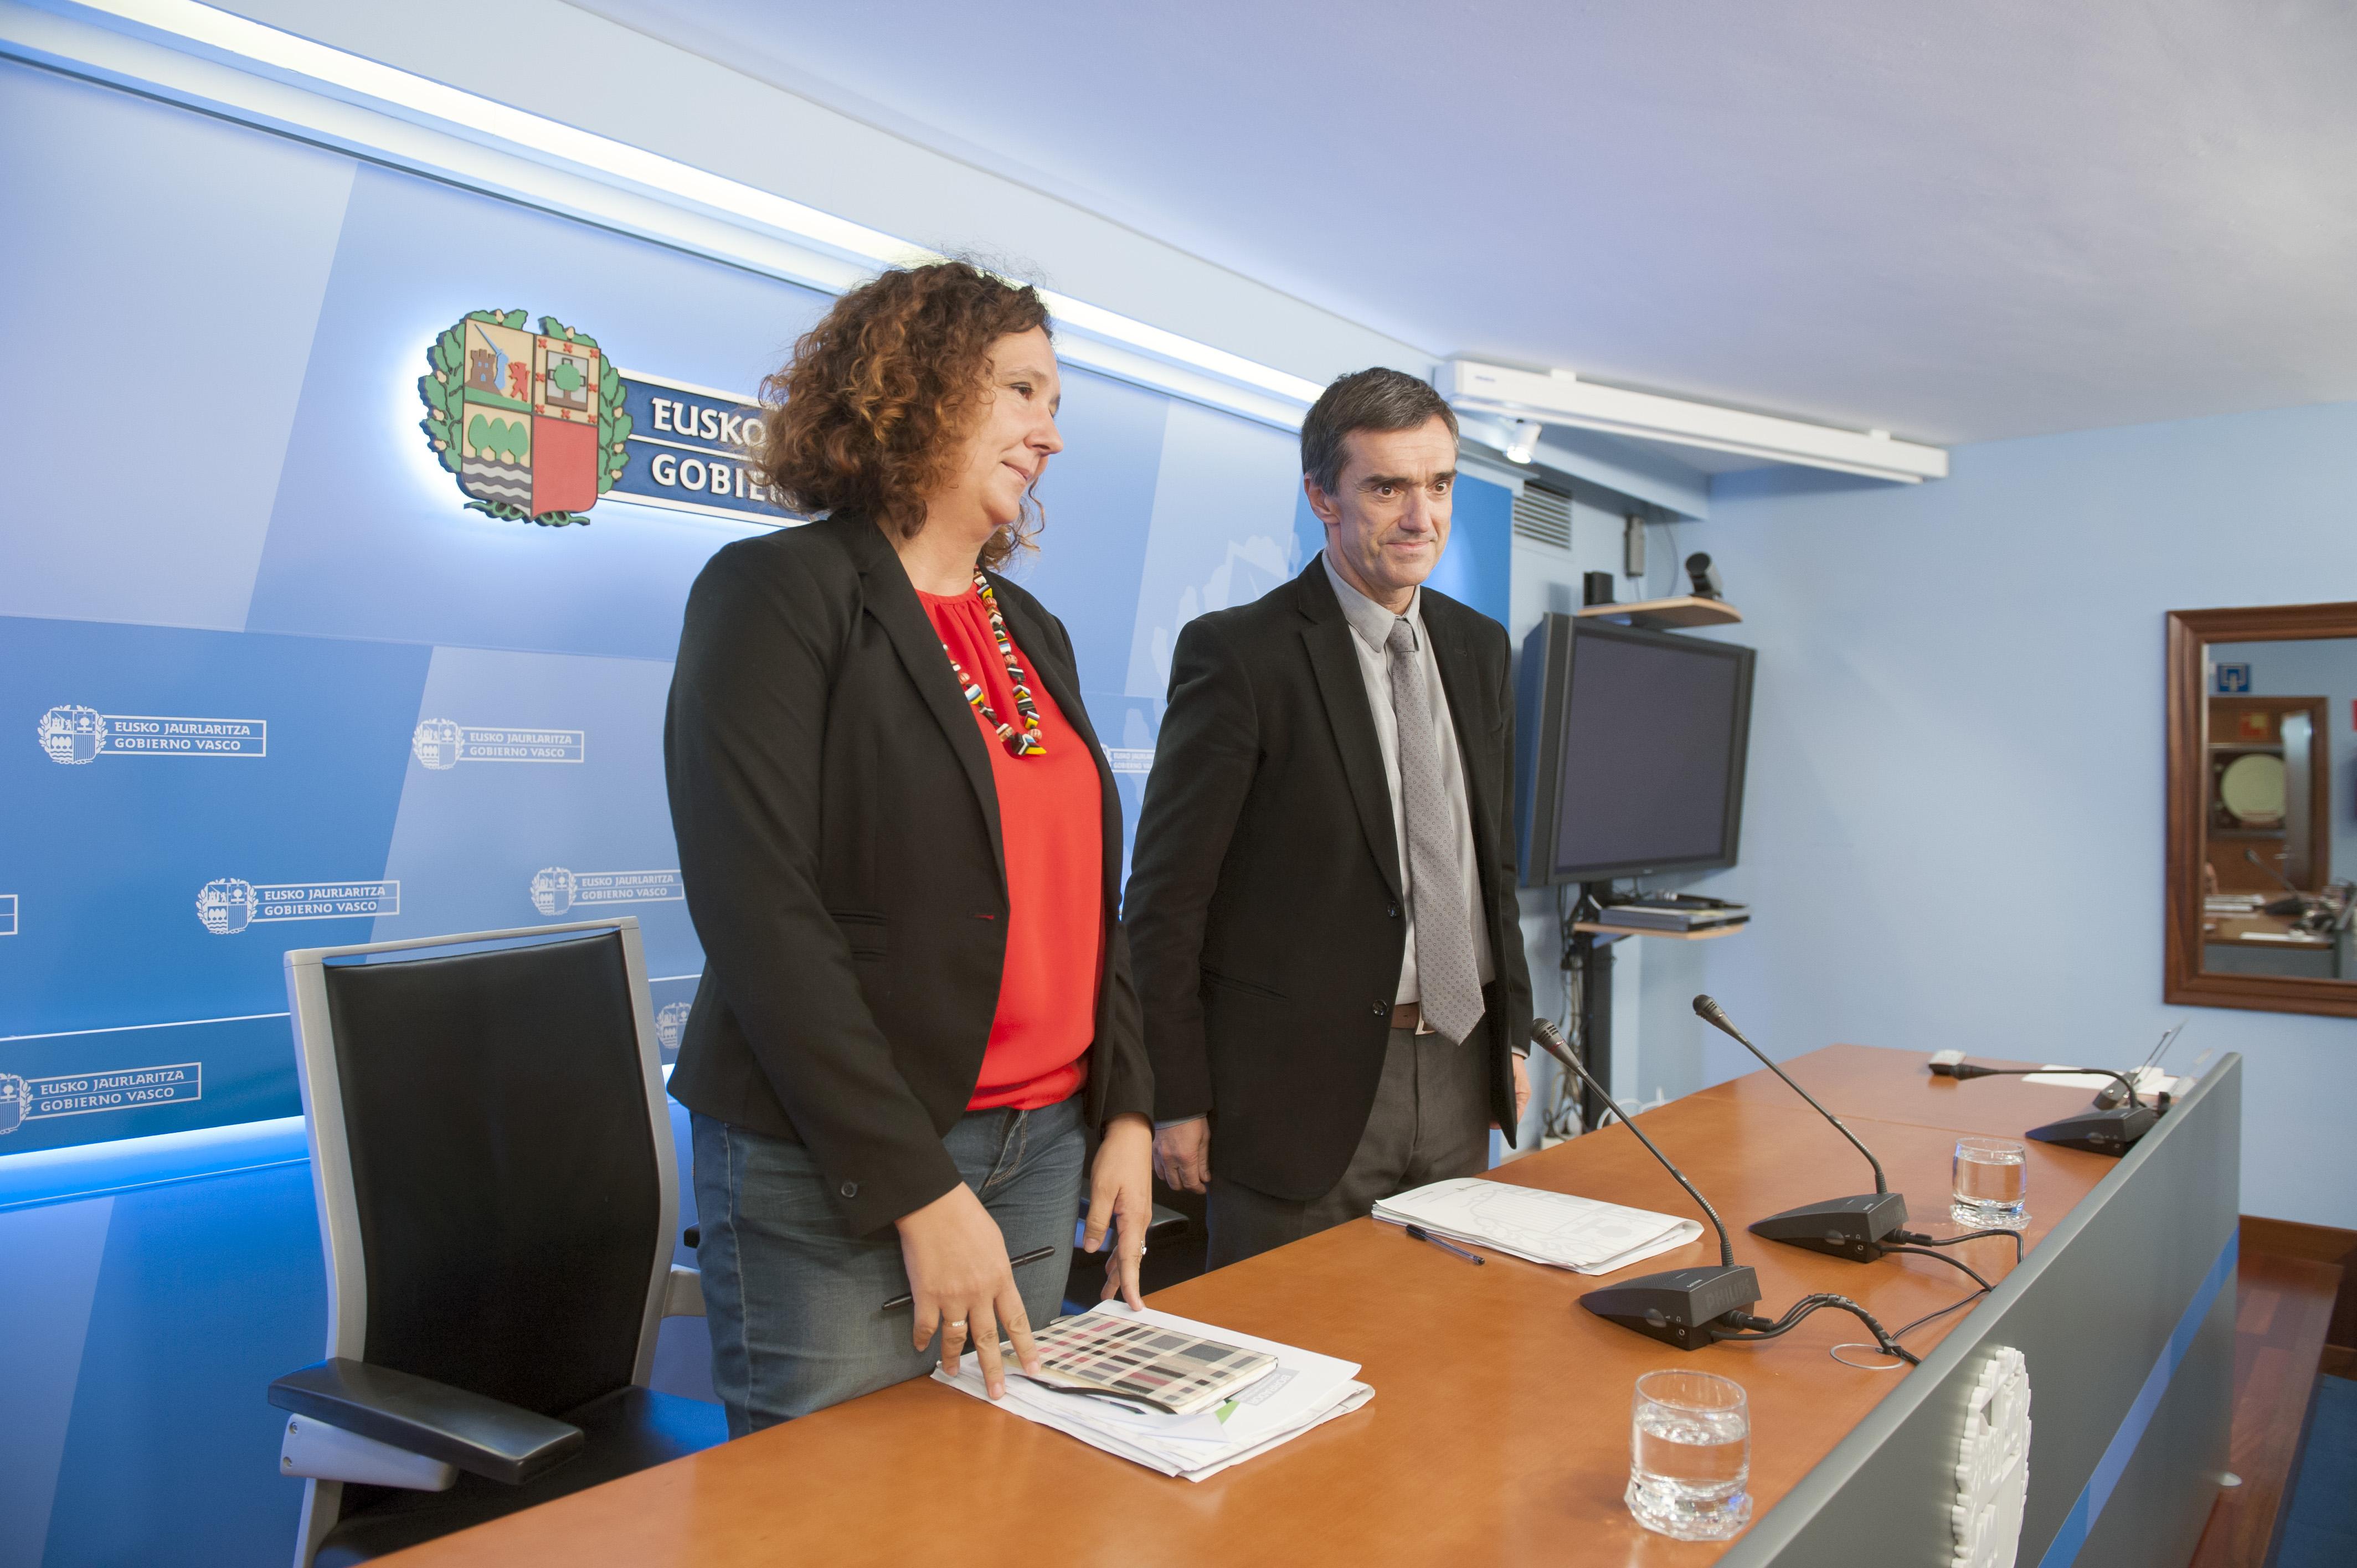 El Gobierno Vasco presenta el programa Hitzeman, la vía legal para la reinserción de las personas presas  [20:14]